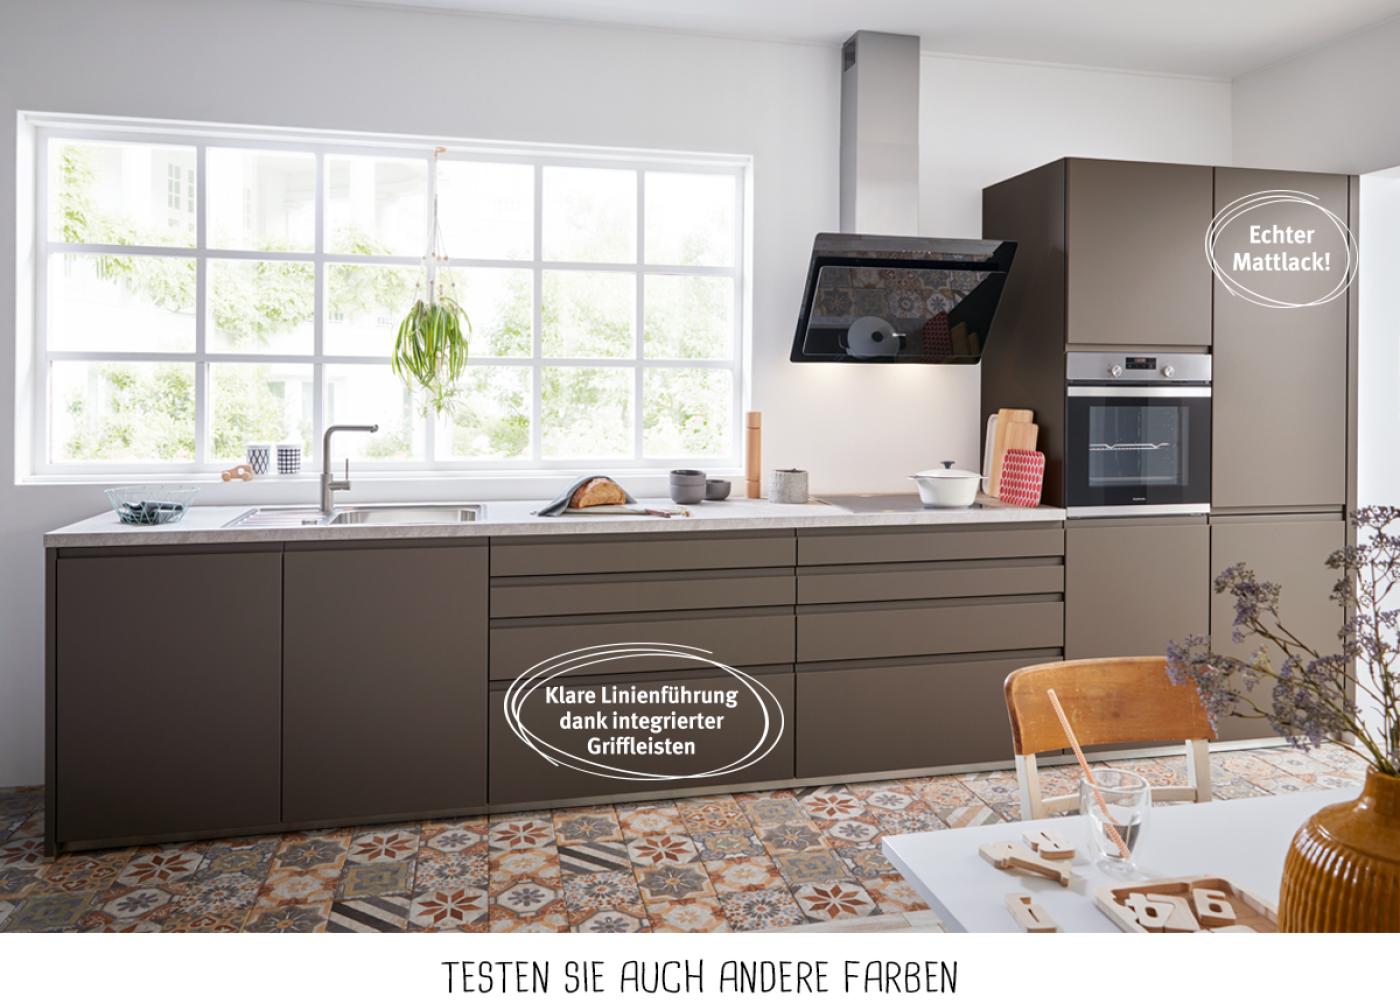 Design-Küchenzeile mit Fronten in Havannabraun und reduzierten Eingriffleisten.